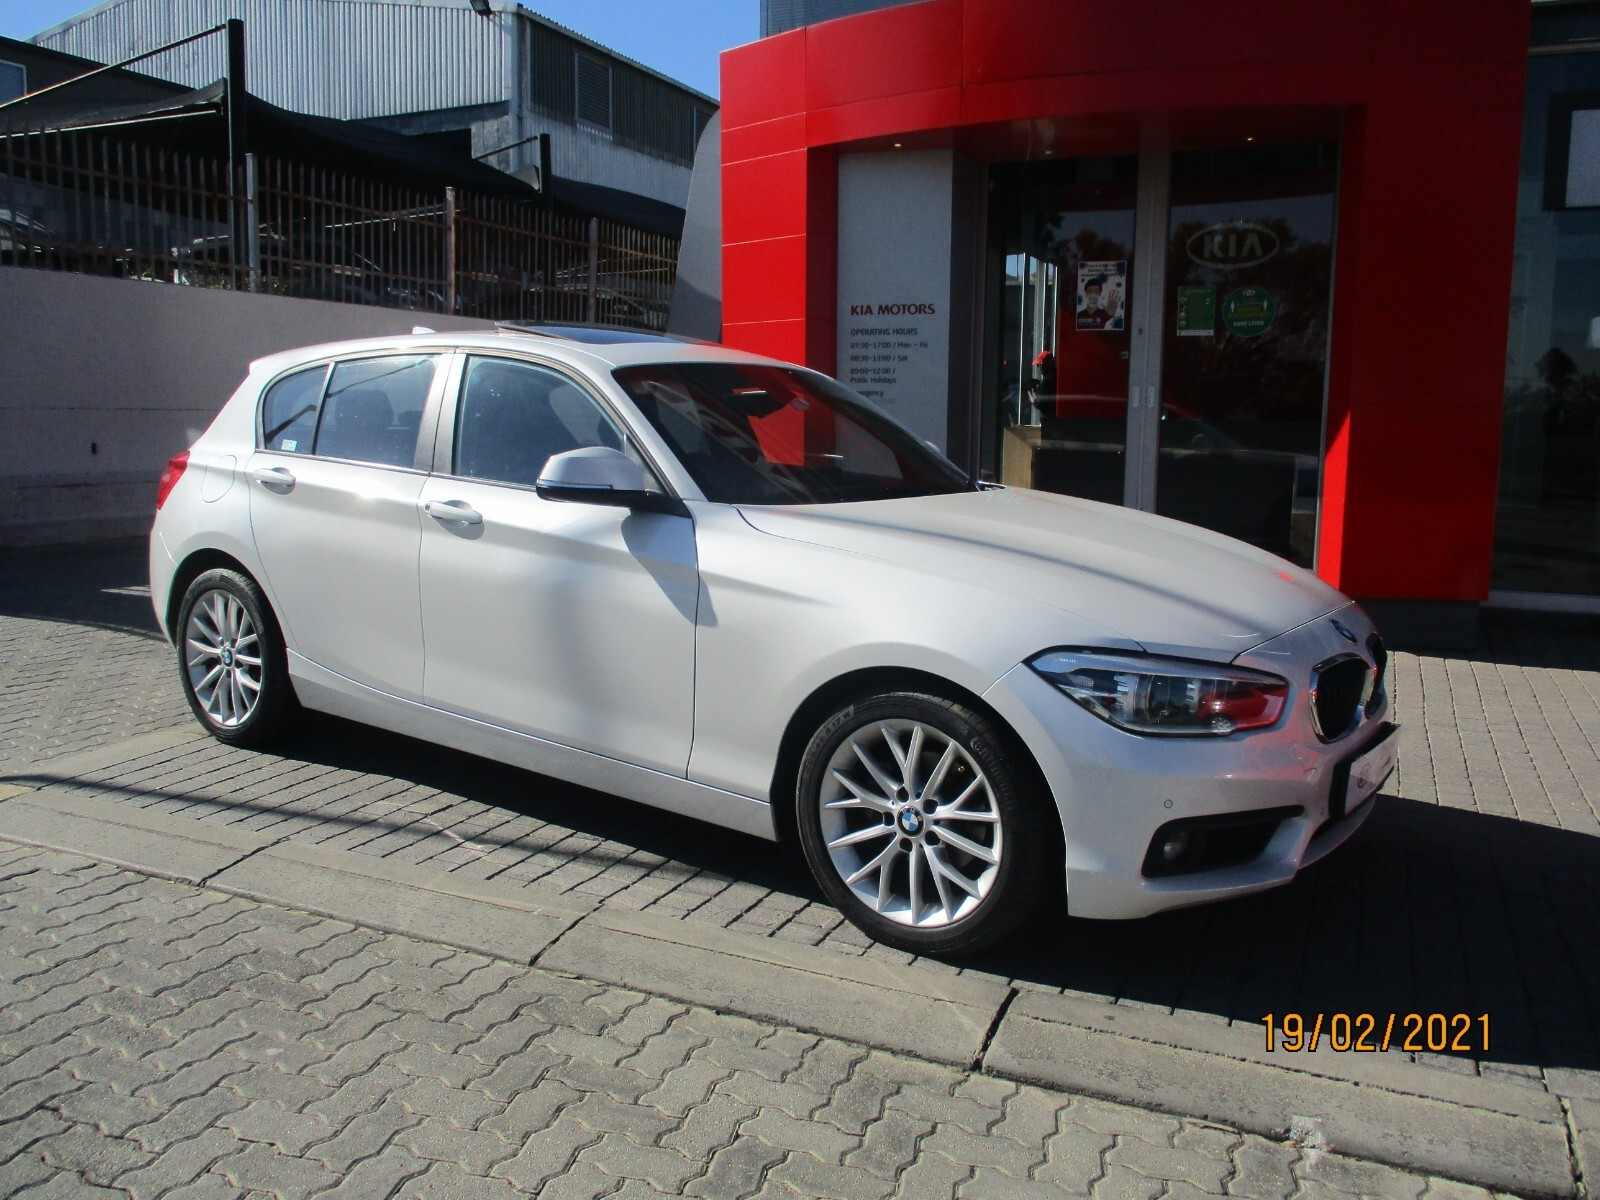 BMW 118i 5DR A/T (F20) Sandton 0328508